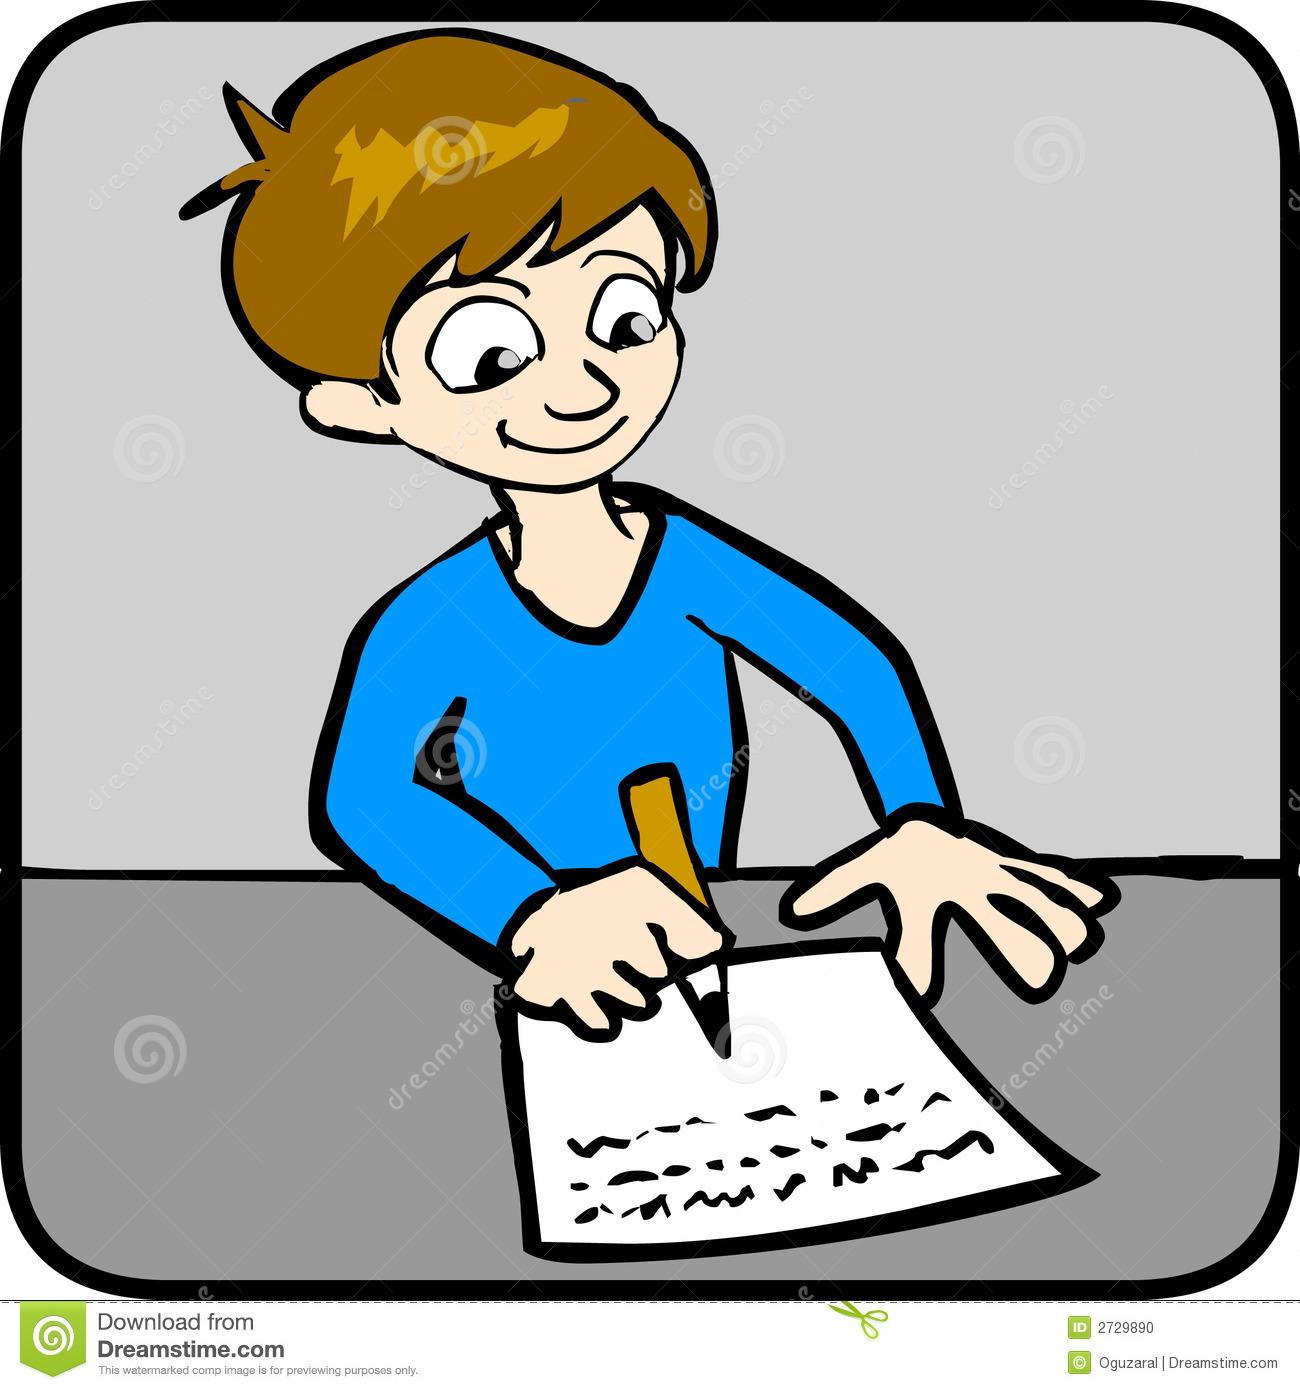 Student Doing Homework Clipart-Student Doing Homework Clipart-18